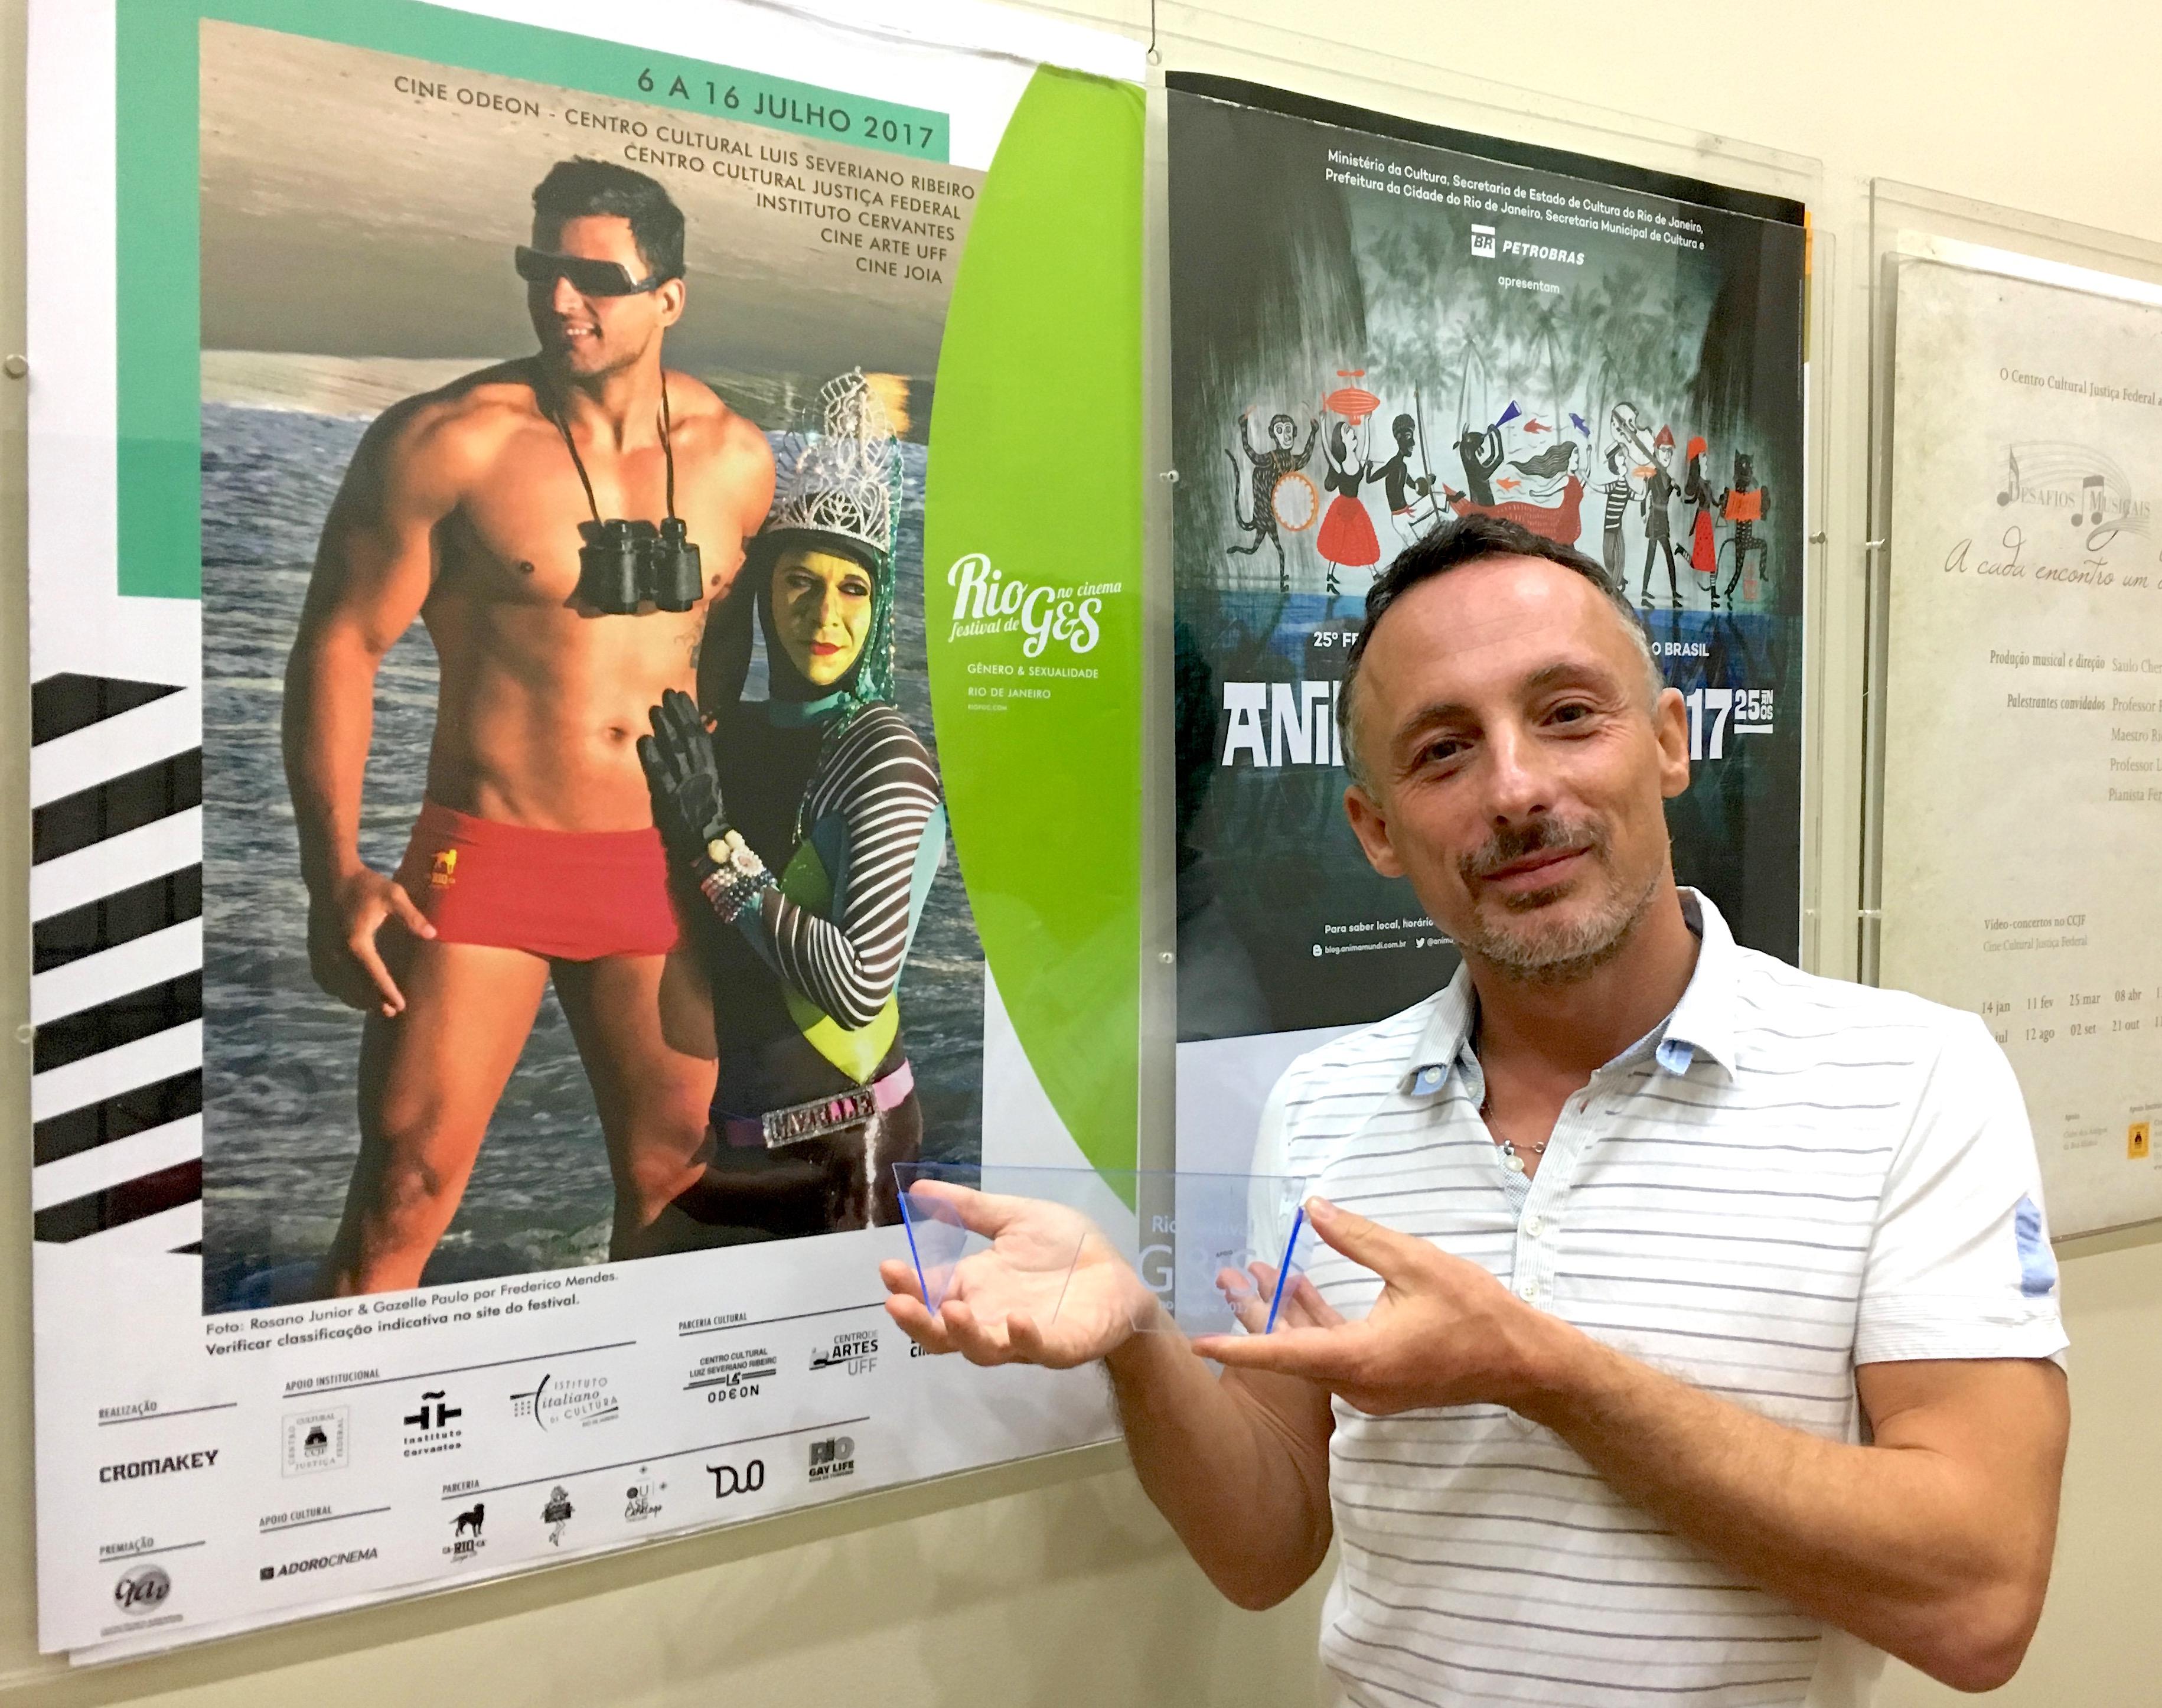 Auguri a Bucci che guadagna una Menzione speciale al Rio Festival de Gênero & Sexualidade no Cinema 2017